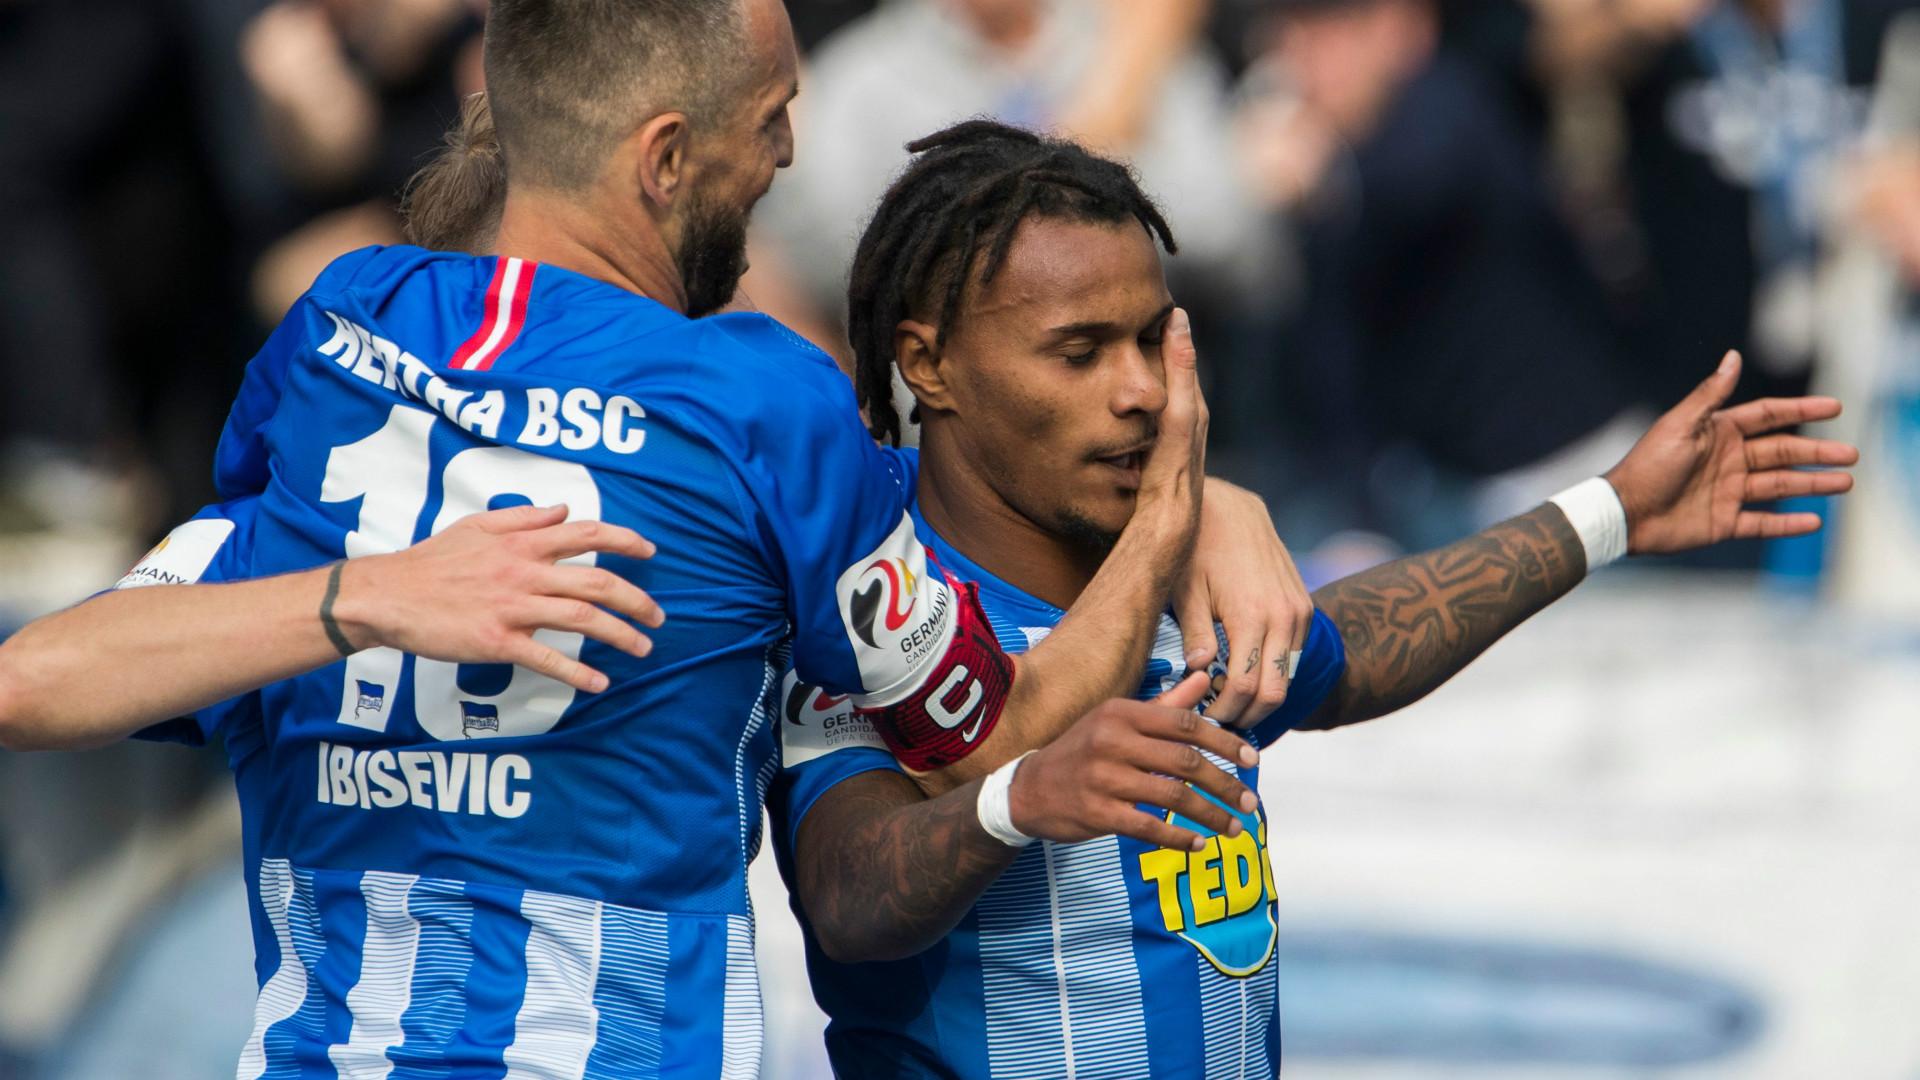 Mercato Inter, accordo trovato con l'Hertha Berlino: Lazaro è in arrivo